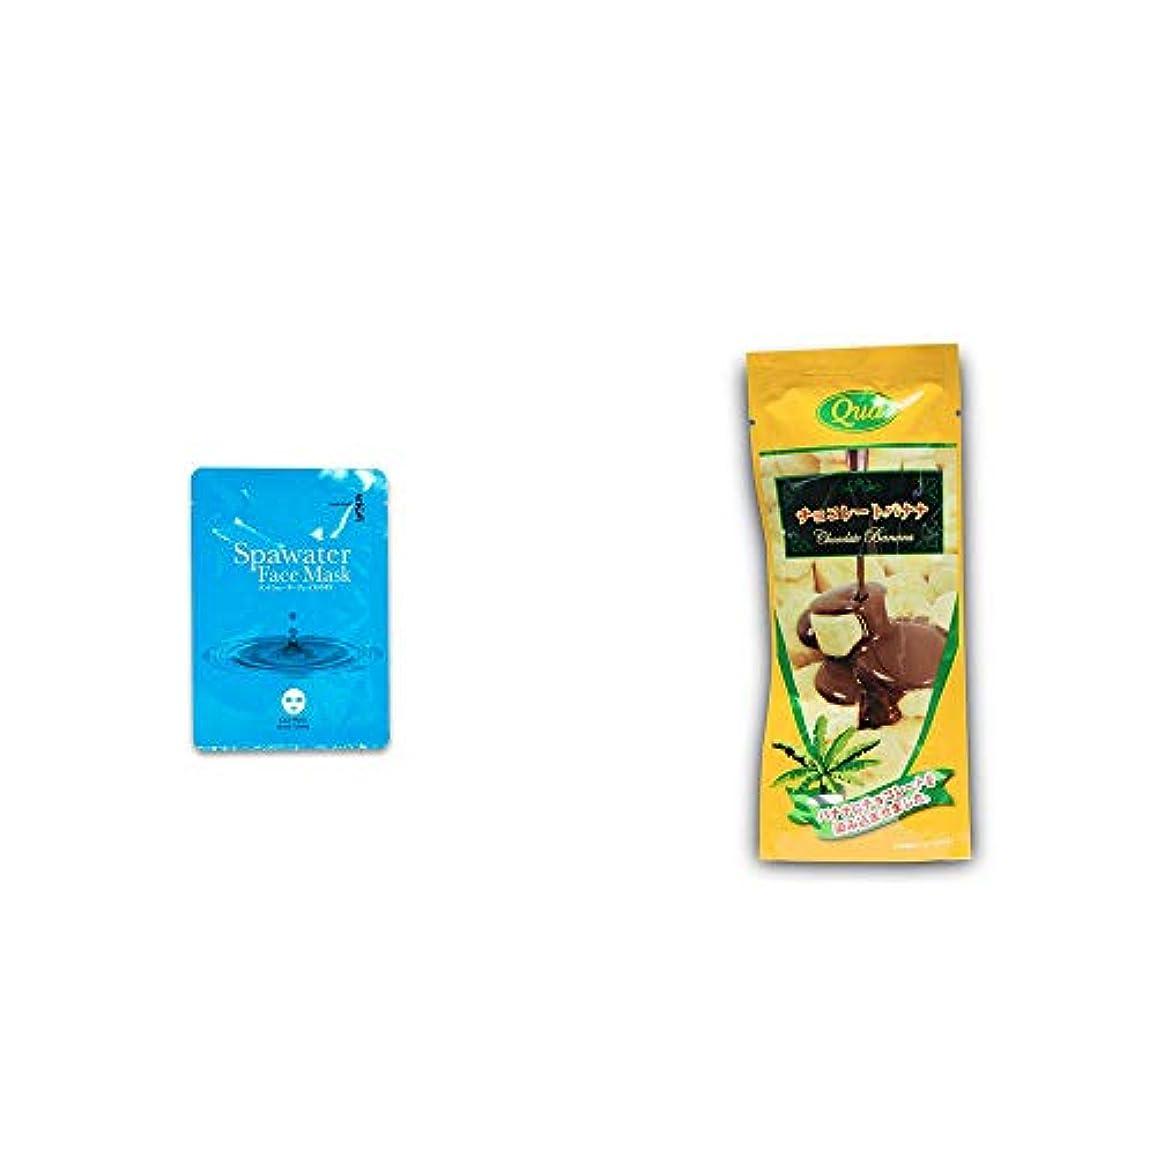 陽気なトラクターブレイズ[2点セット] ひのき炭黒泉 スパウォーターフェイスマスク(18ml×3枚入)?フリーズドライ チョコレートバナナ(50g)